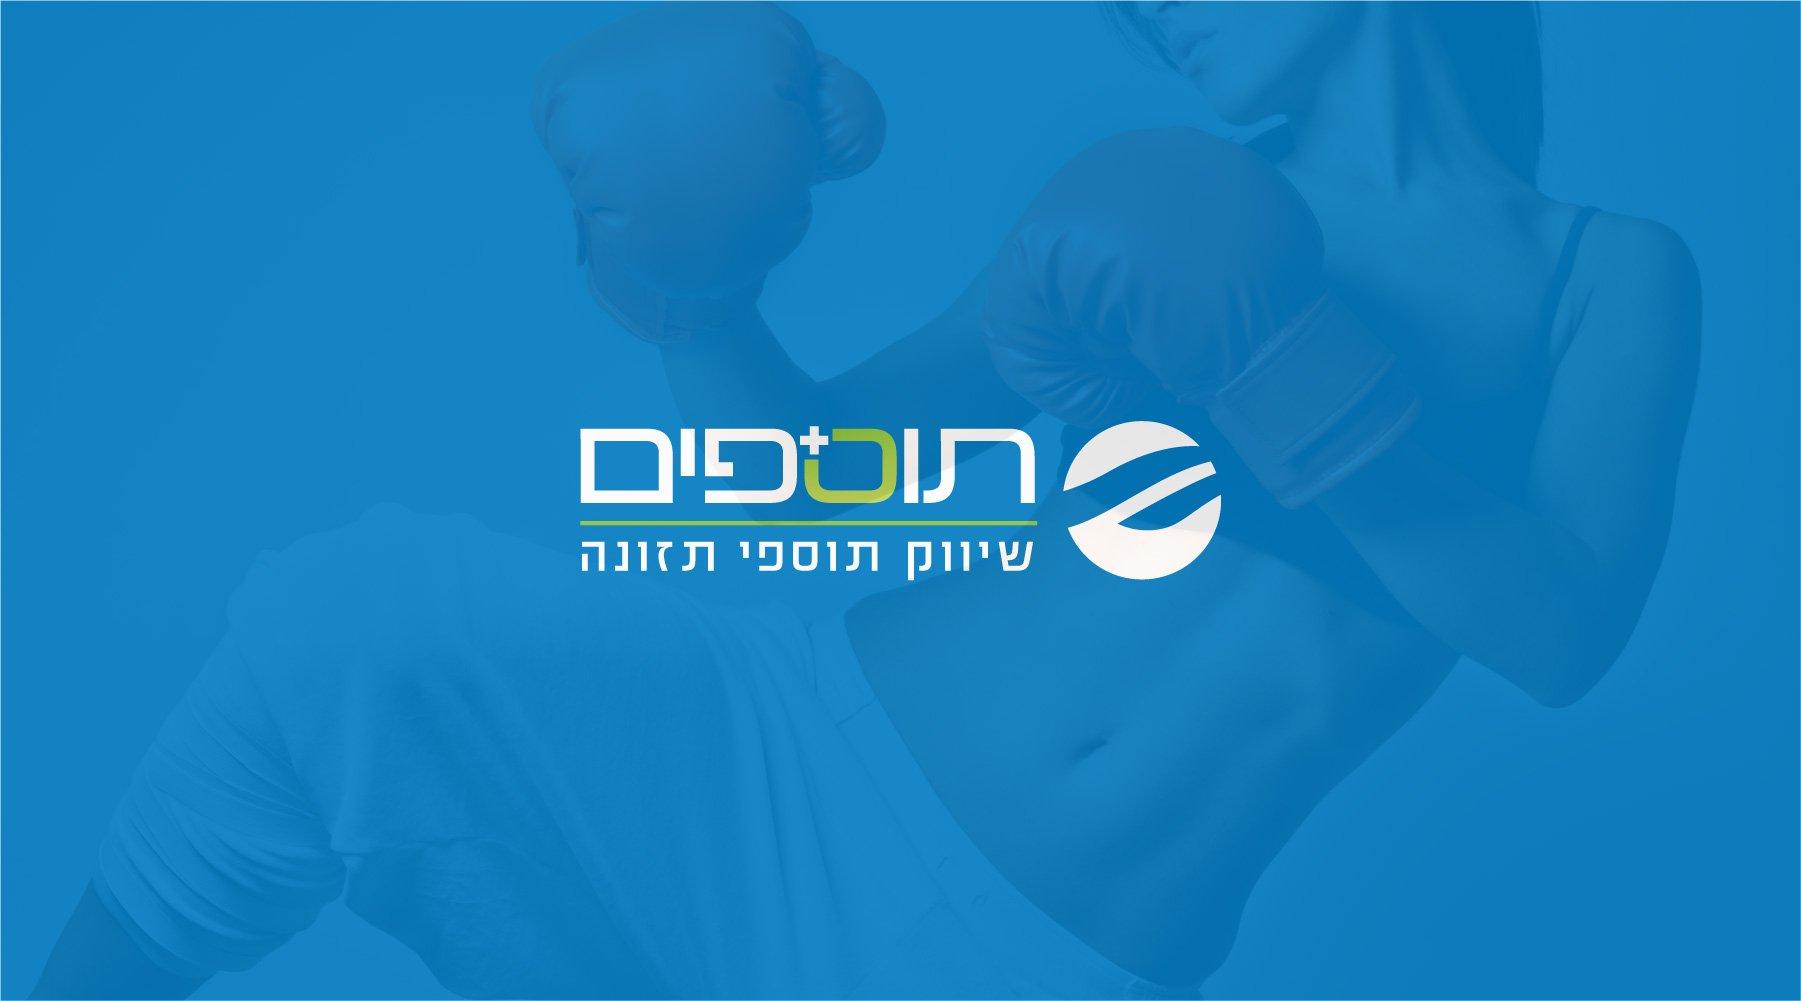 מיתוג לעסק ועיצוב לוגו לחברת תוספים